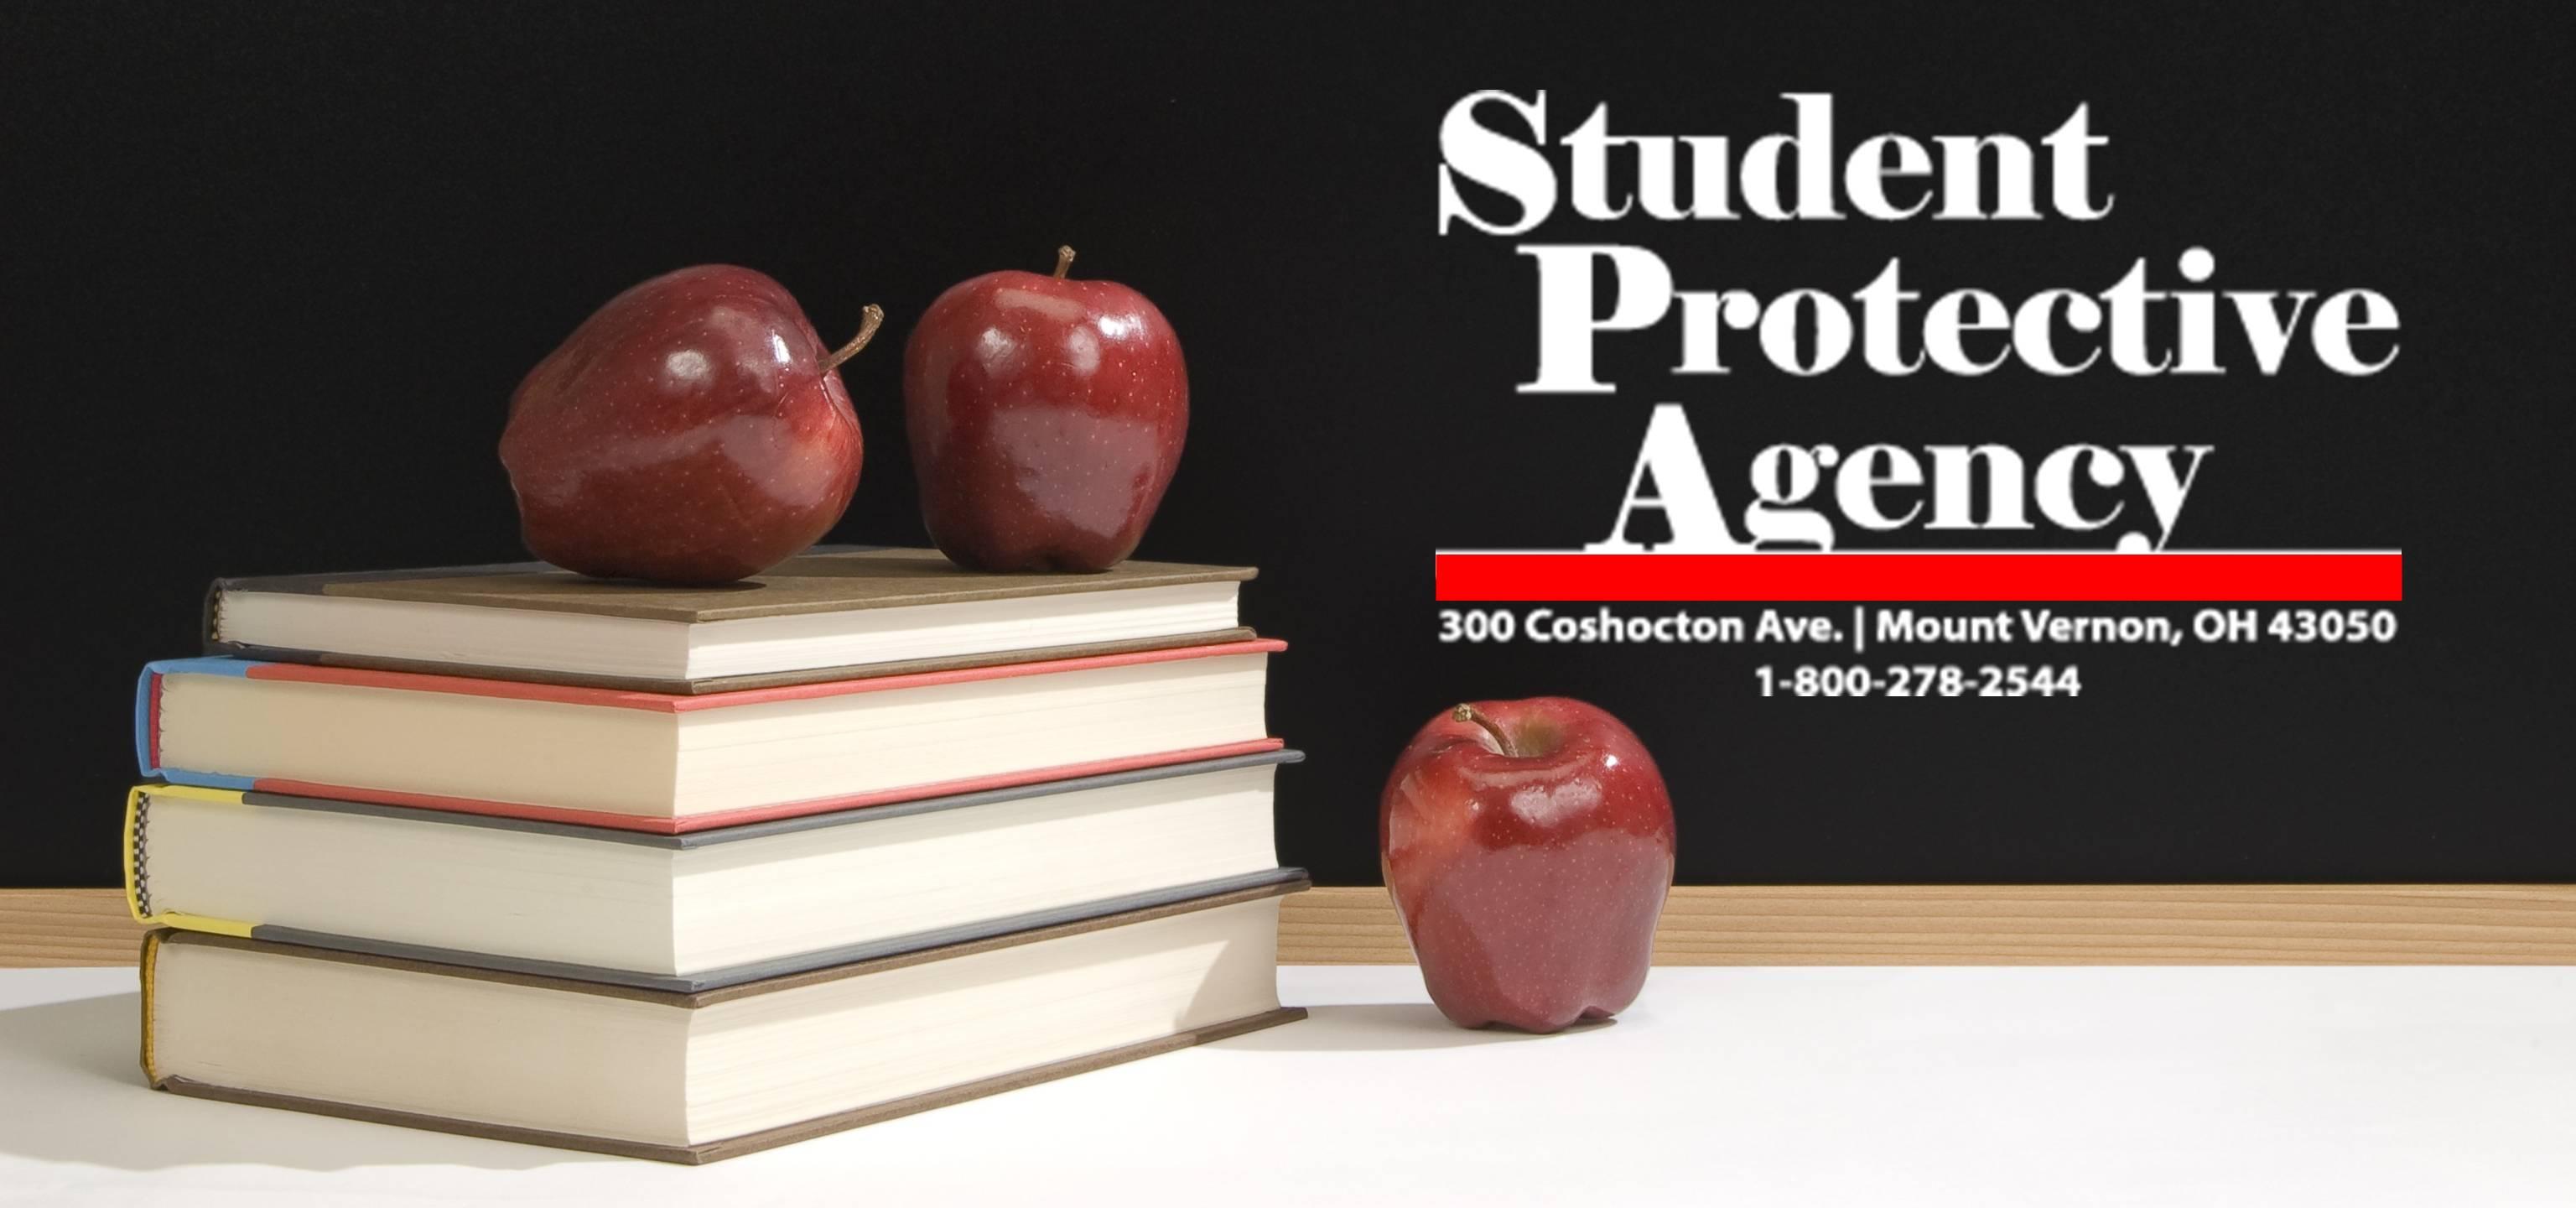 http://studentprotective.com/wp-content/uploads/2017/06/Slide1.jpg